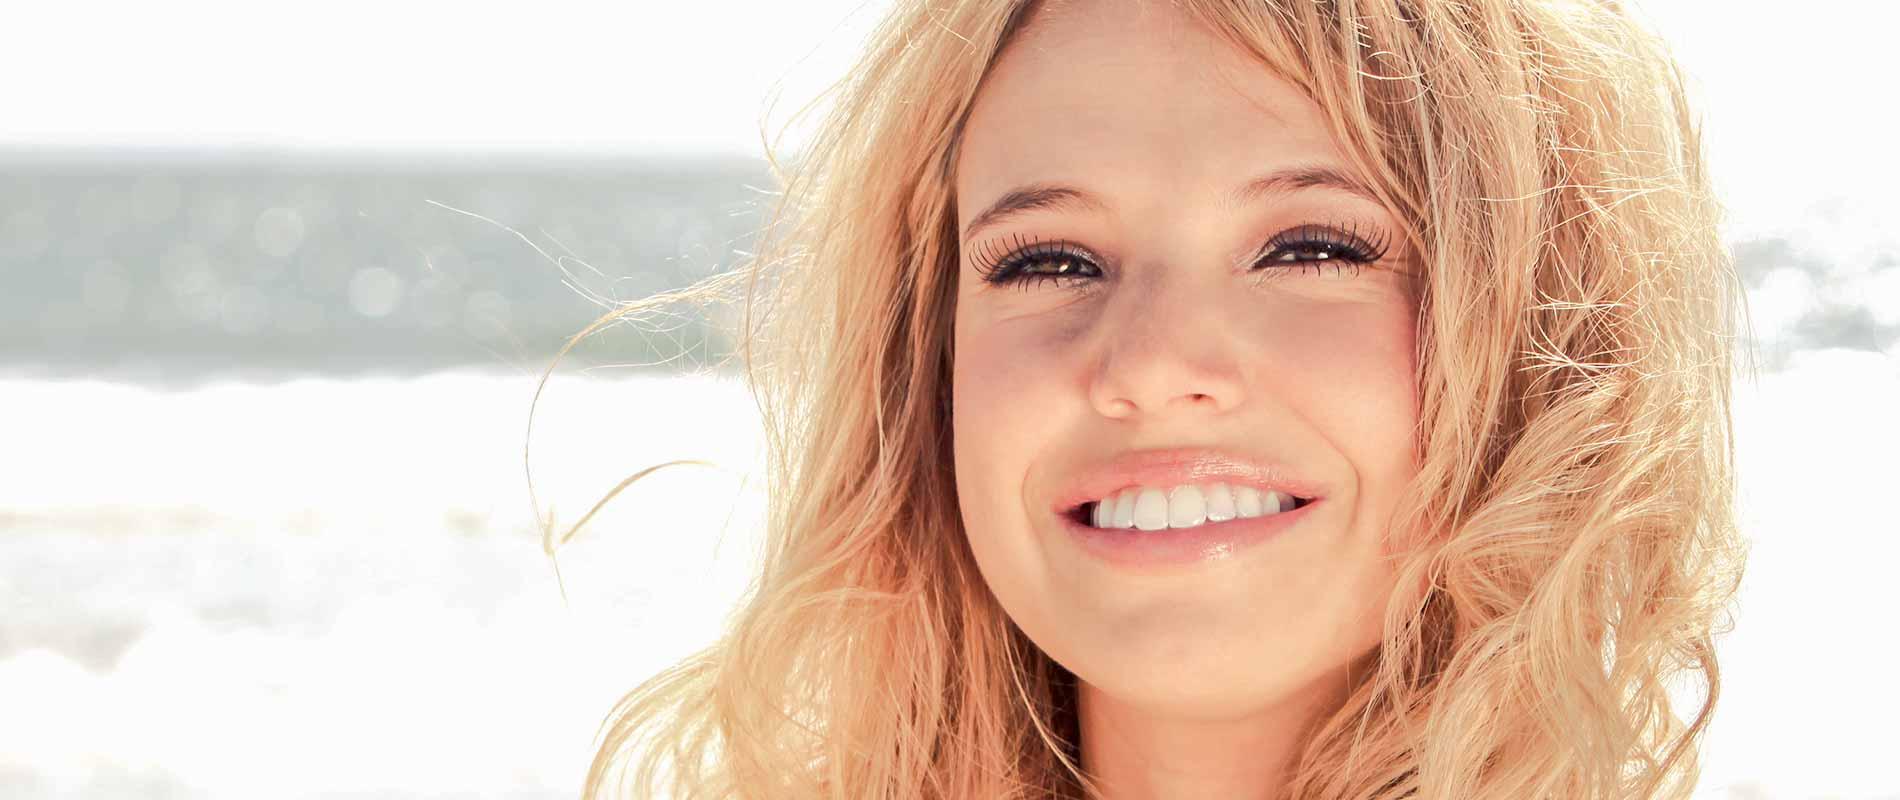 Junge Frau mit weißen Zähnen lächelt in die Kamera.